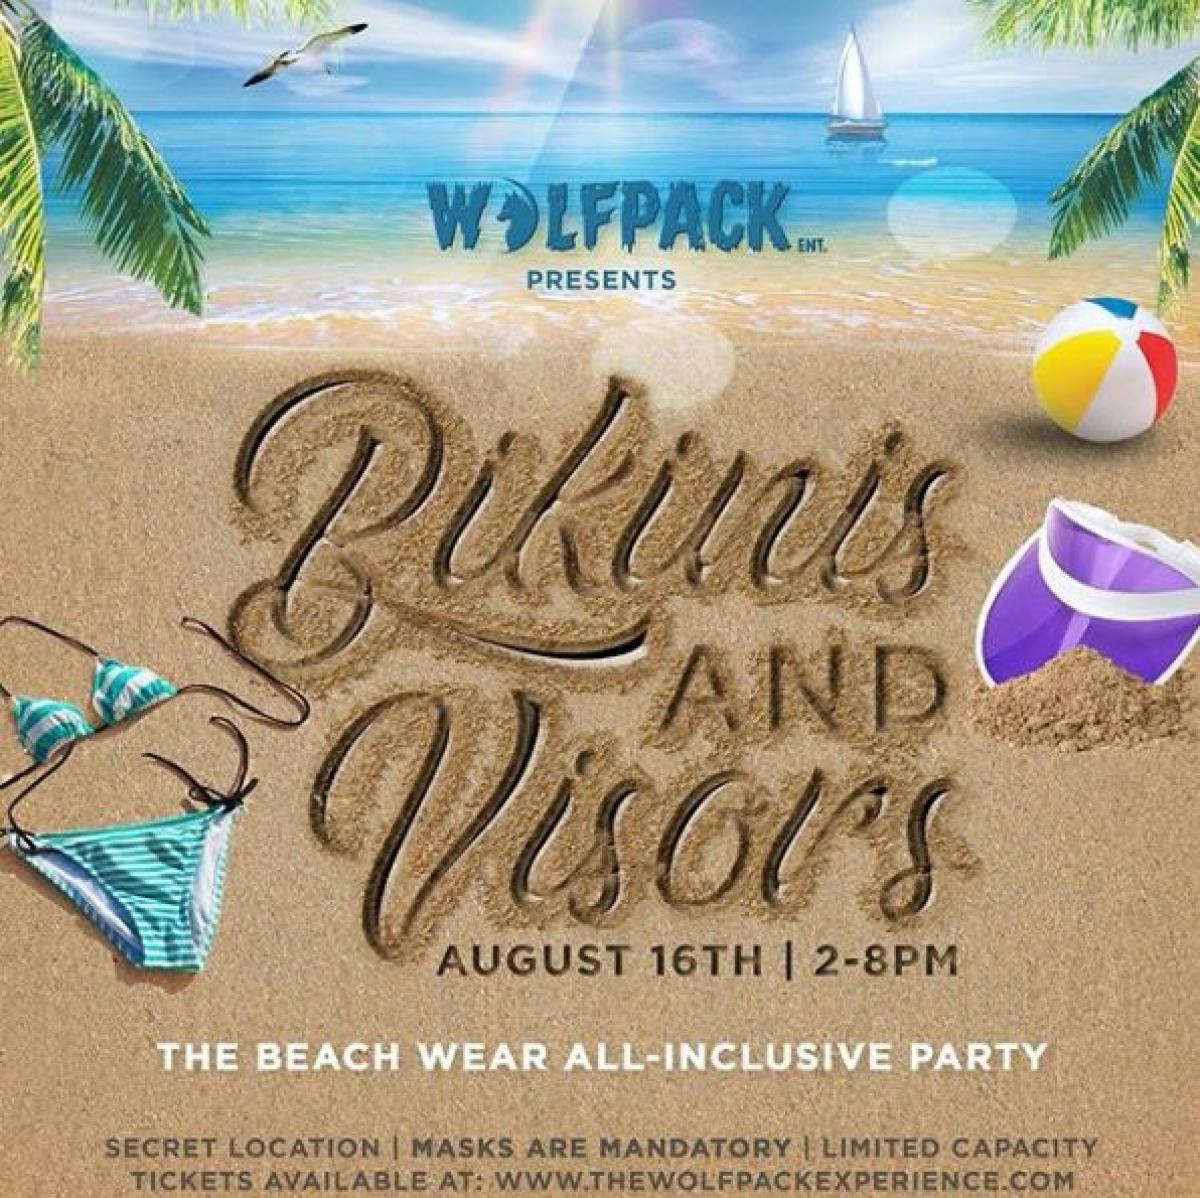 Bikinis & Visors flyer or graphic.